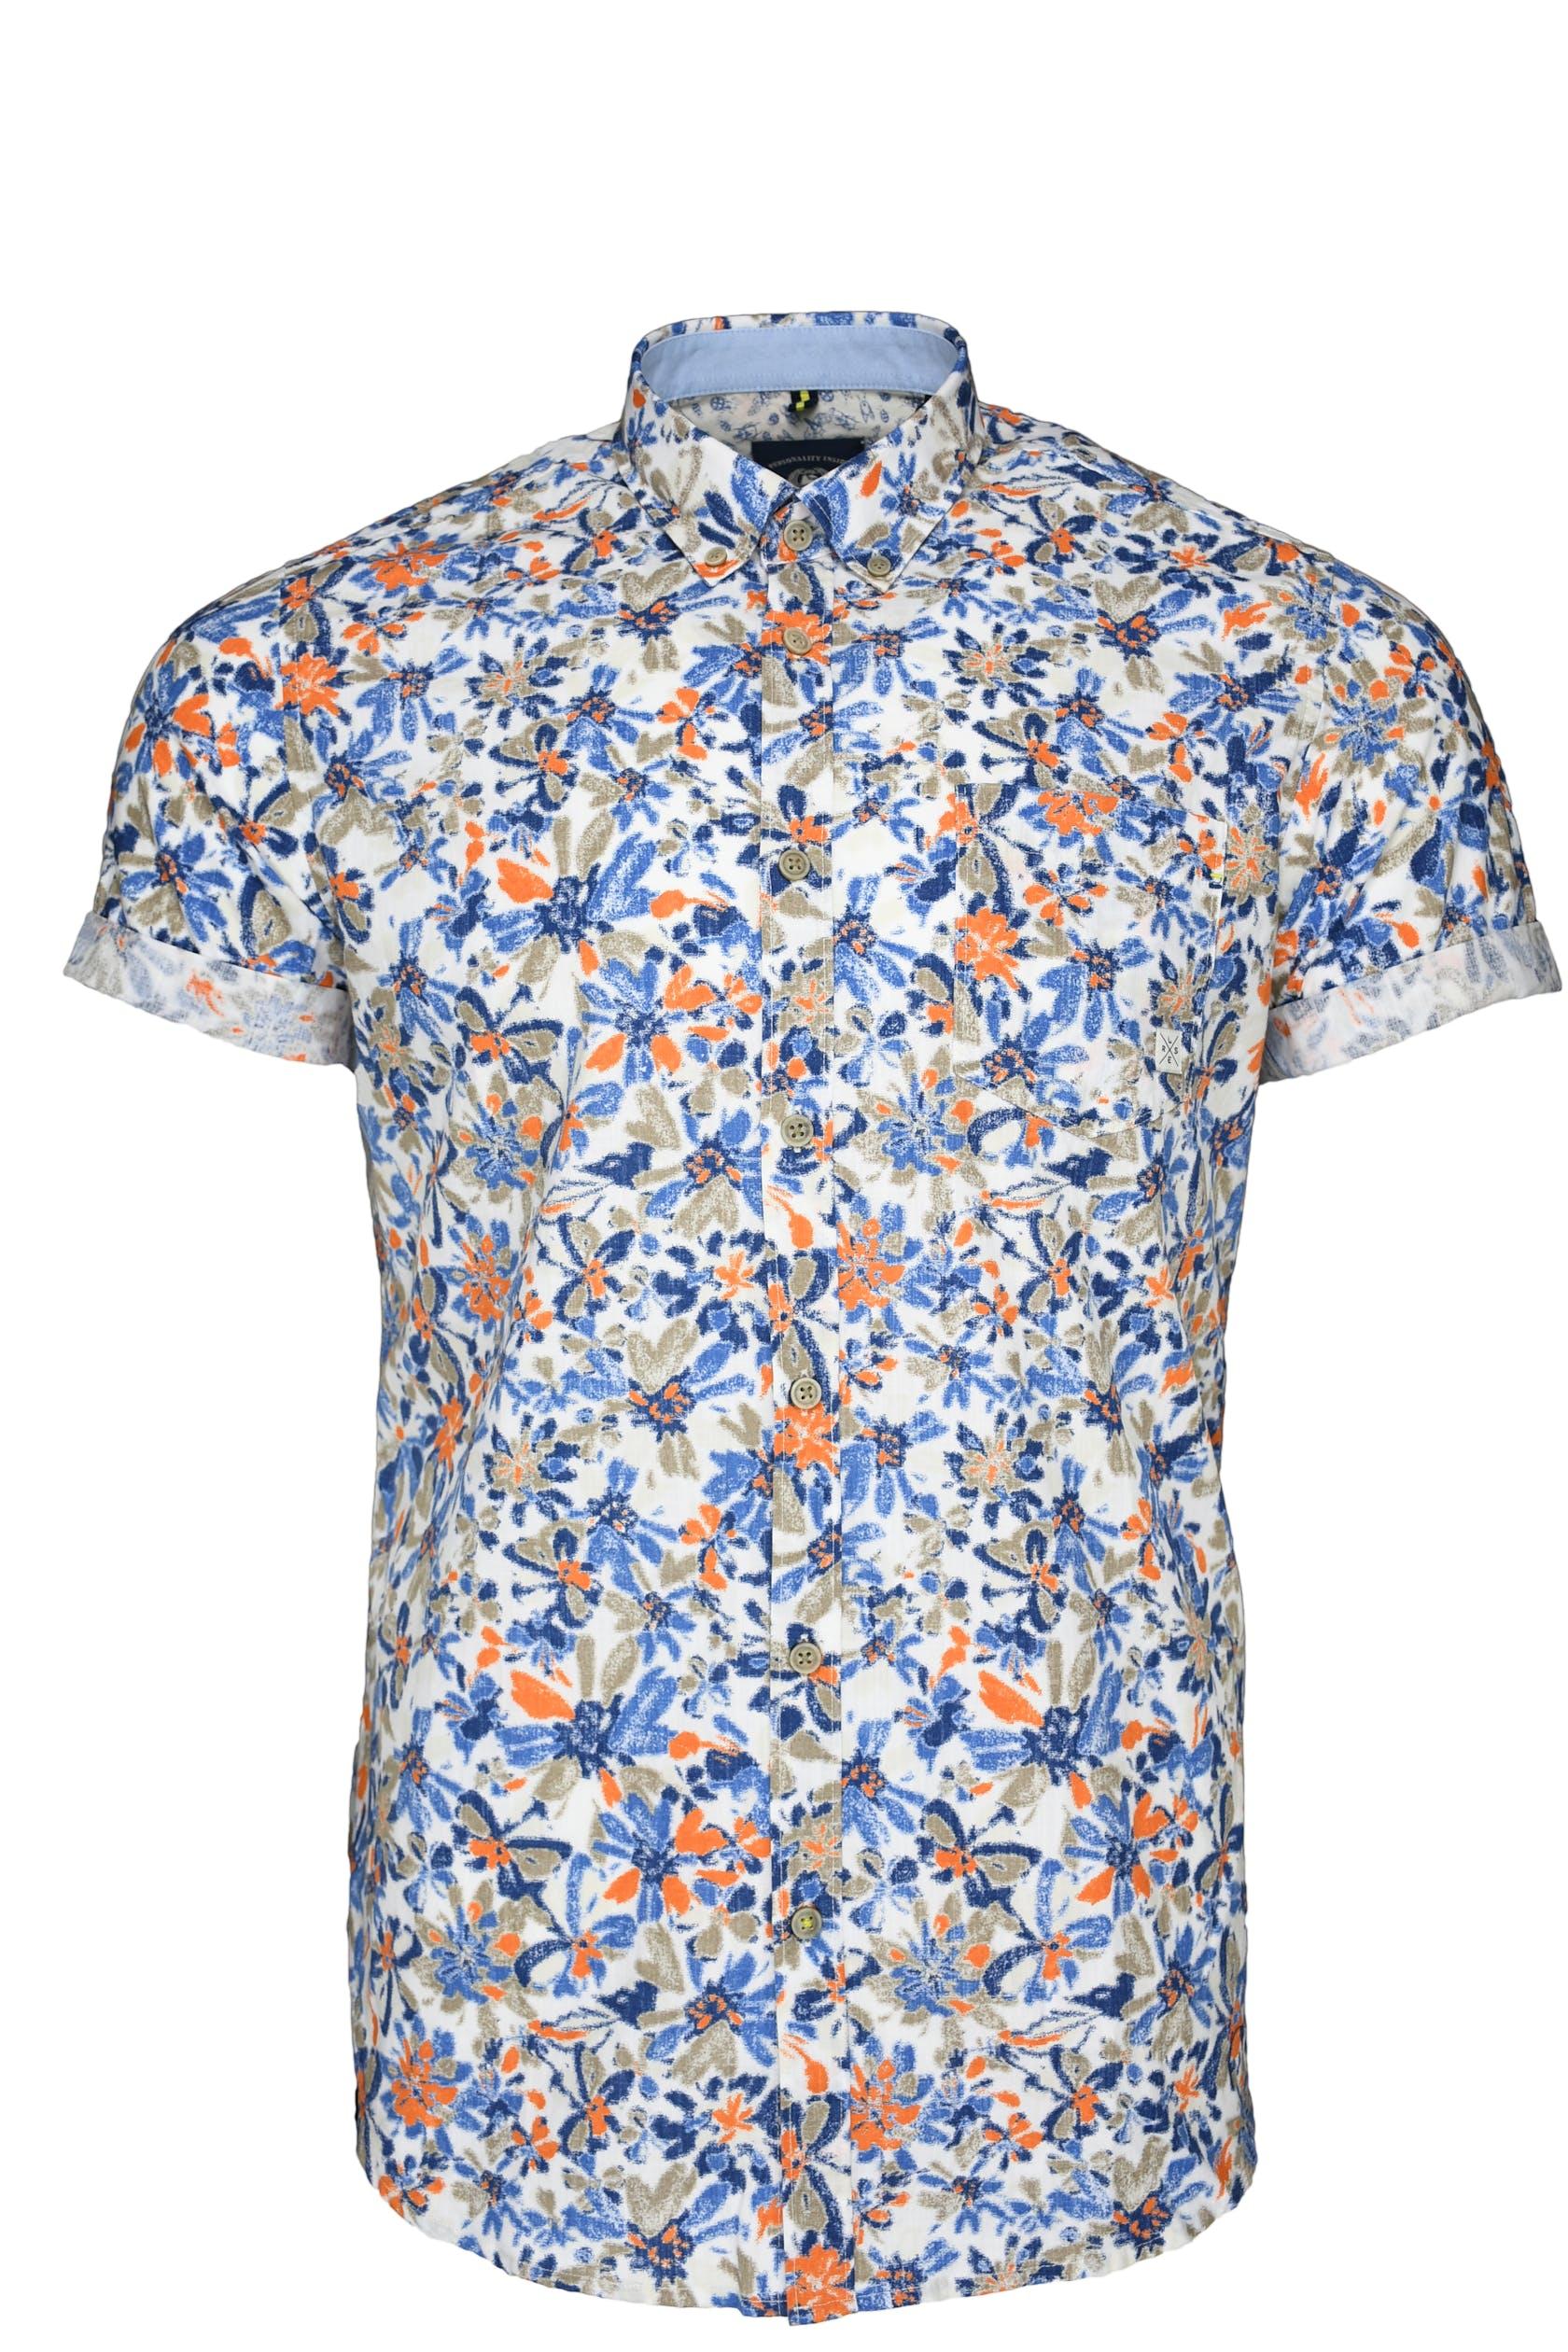 Kurzarmhemd mit buntem Blumenprint für Herren von Lerros